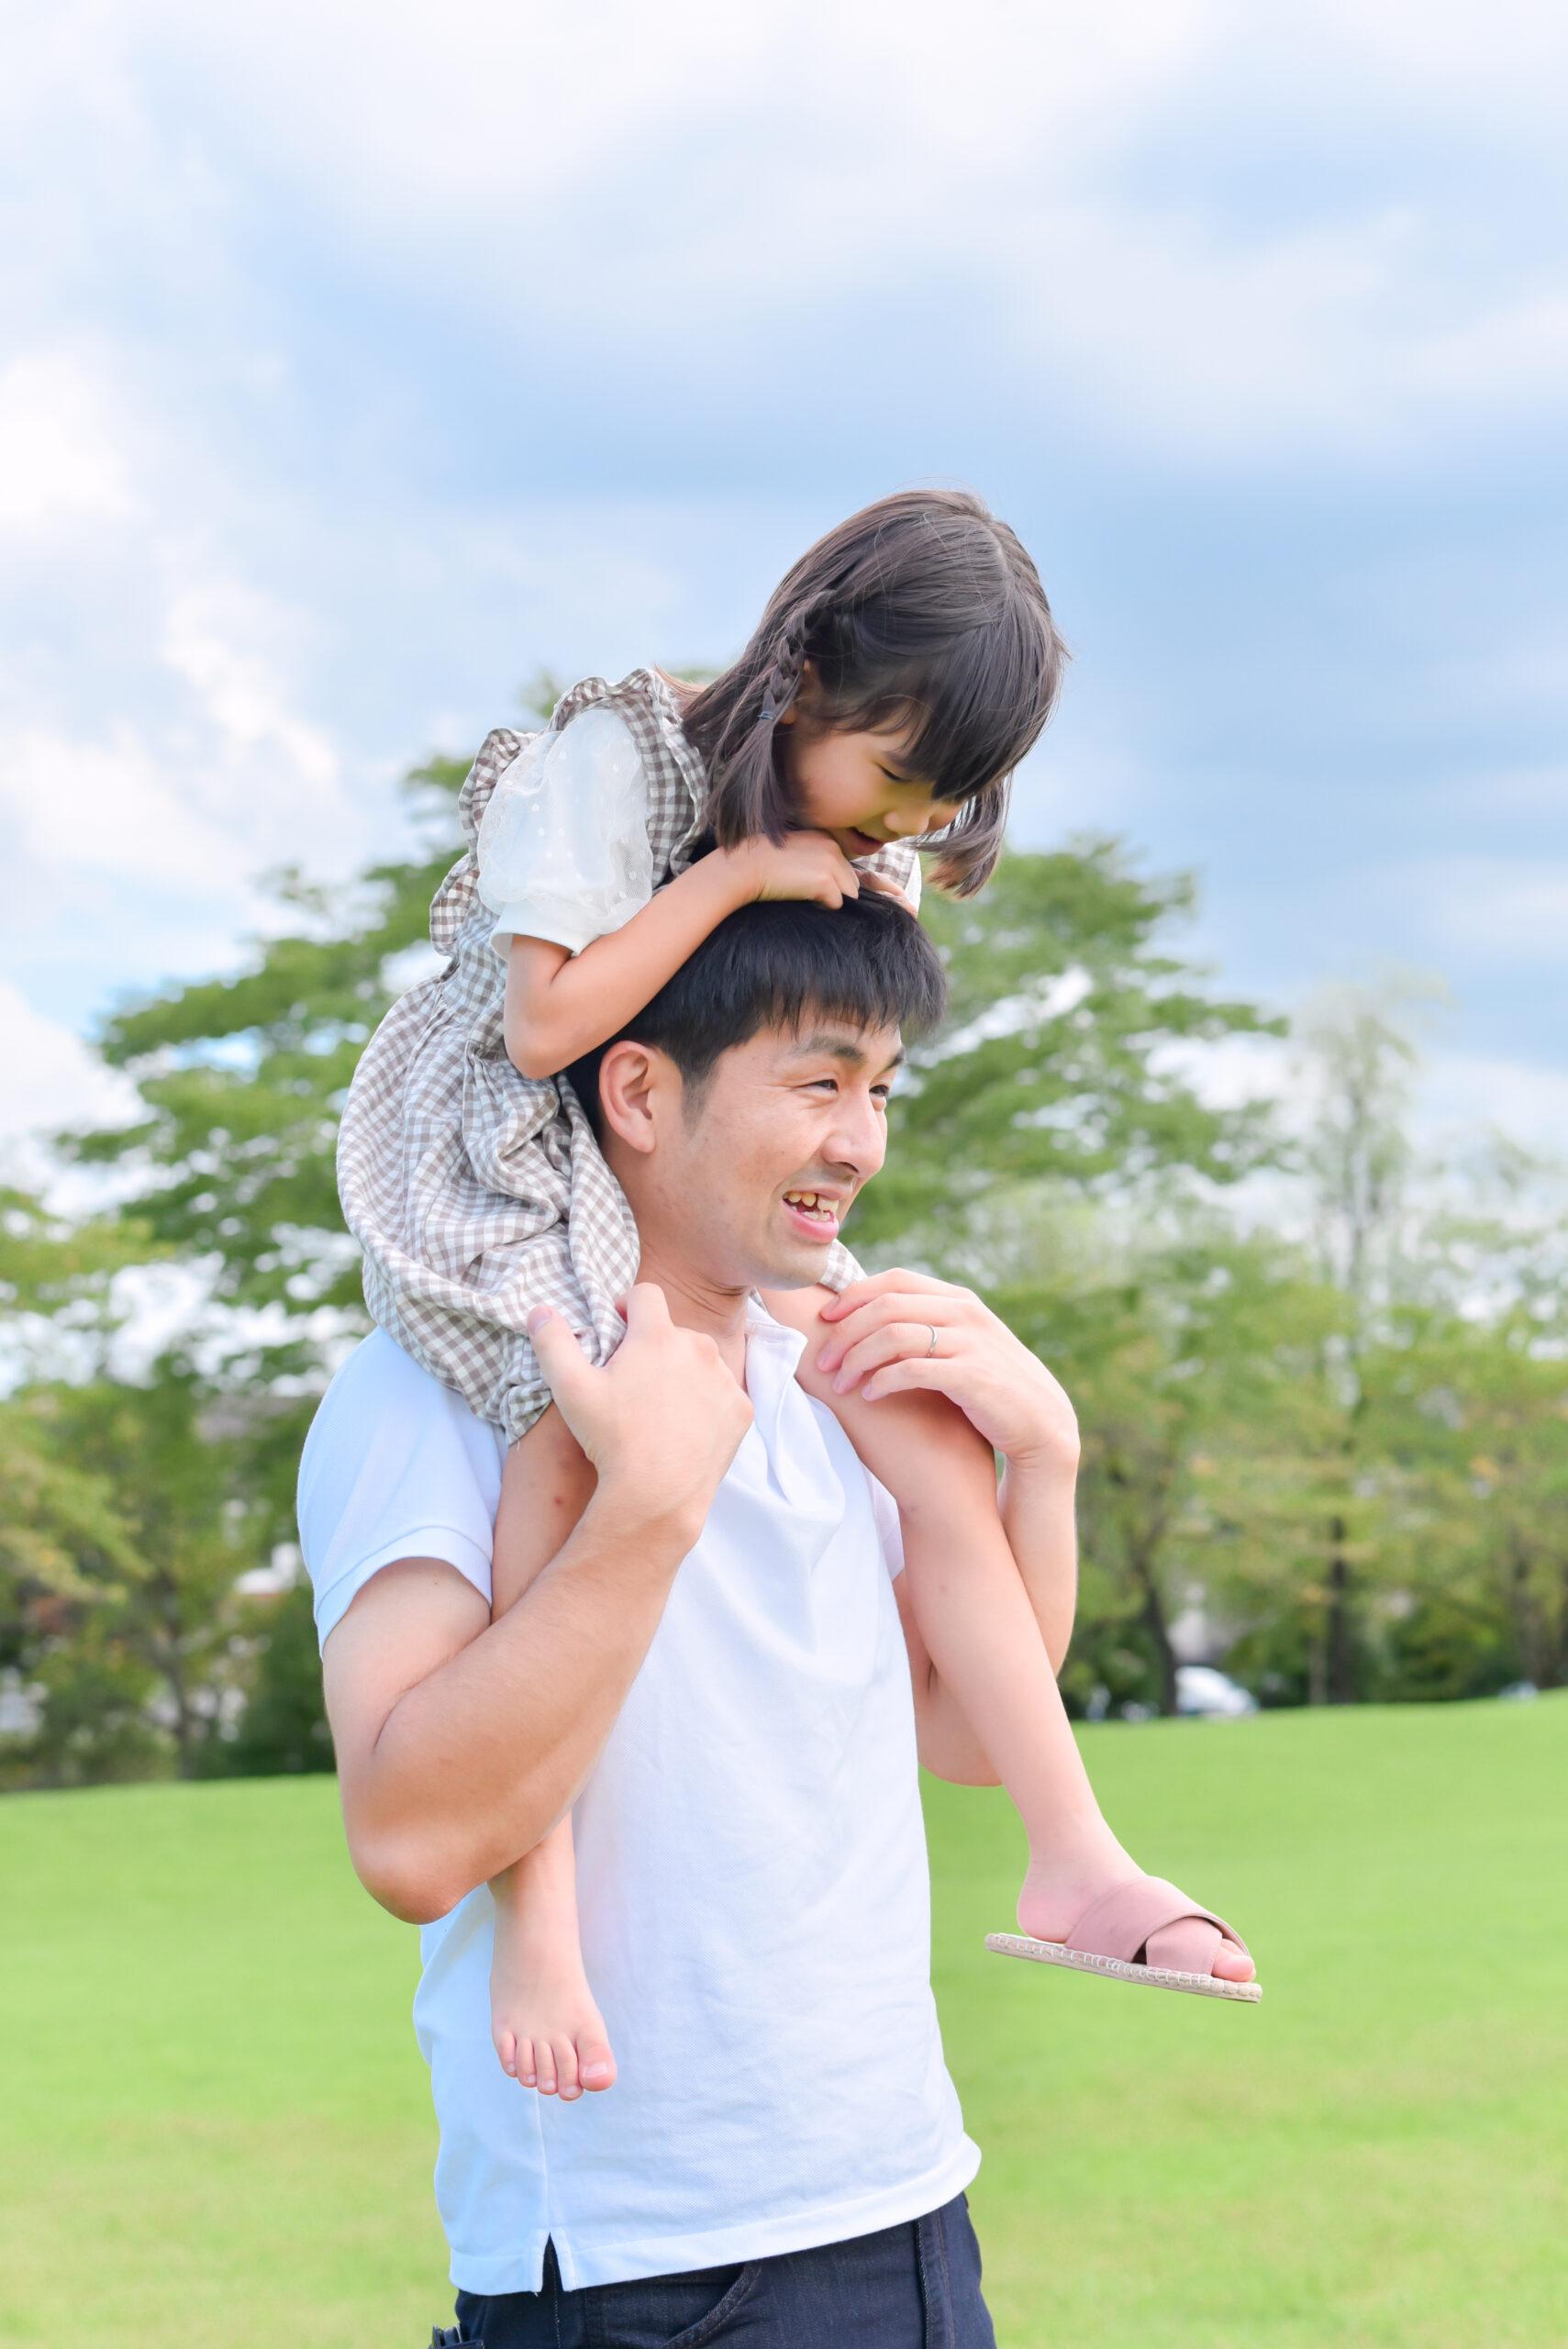 夏 公園 6歳 お姉ちゃん こども パパに肩車 写真撮影 ロケーションフォト 宇都宮